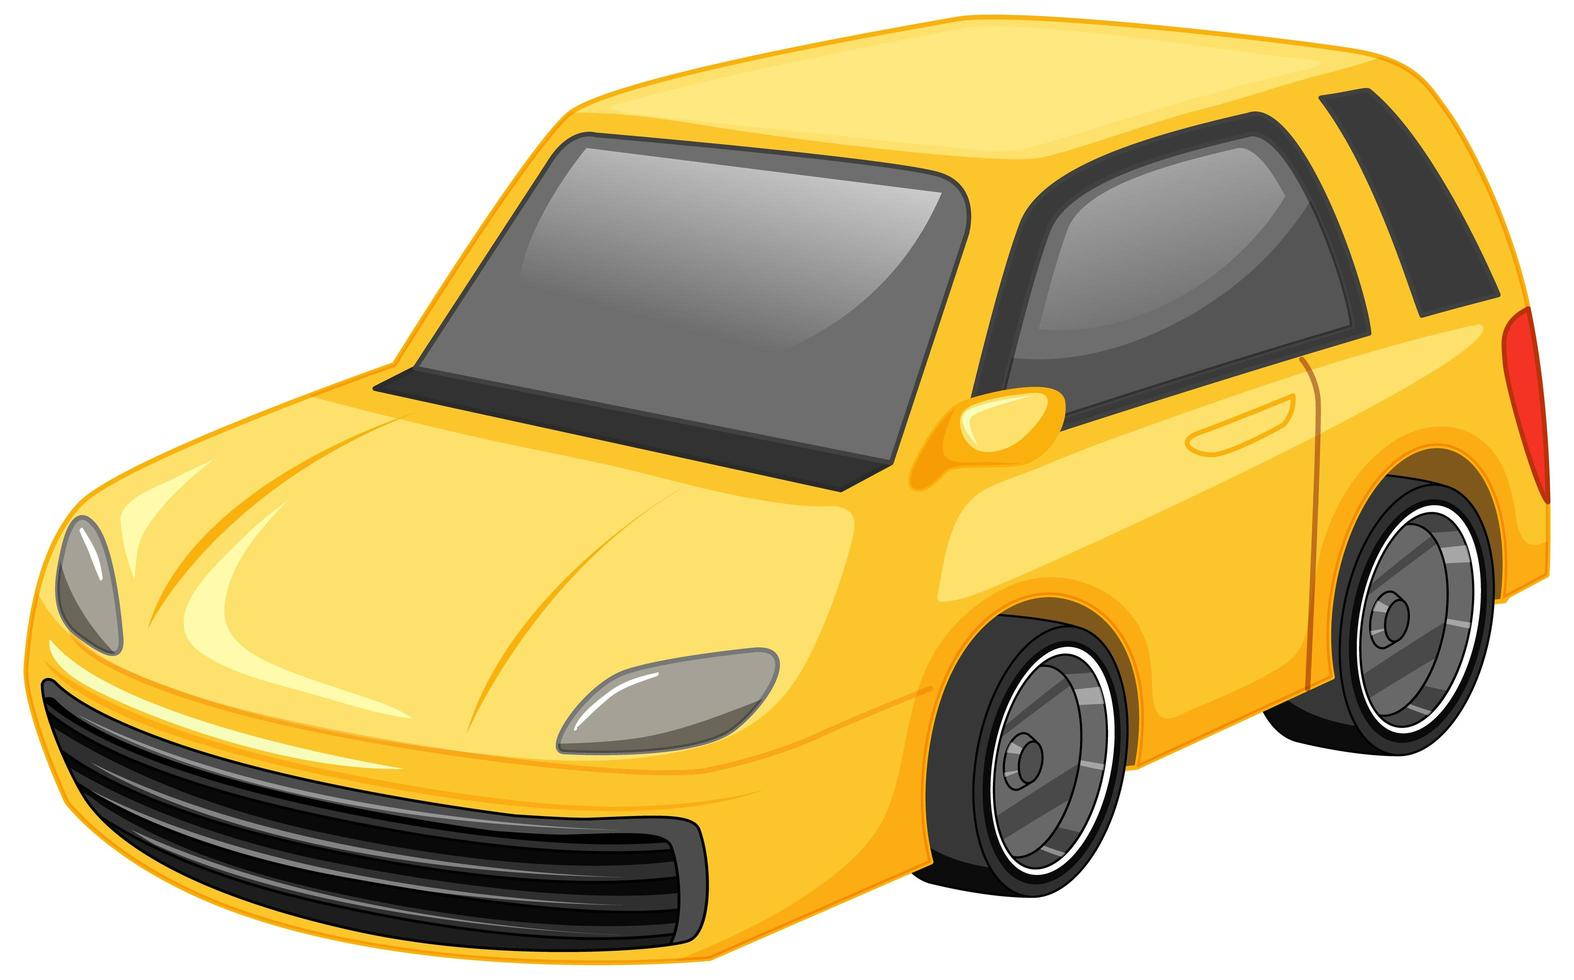 gele auto cartoon stijl geïsoleerd op een witte achtergrond vector